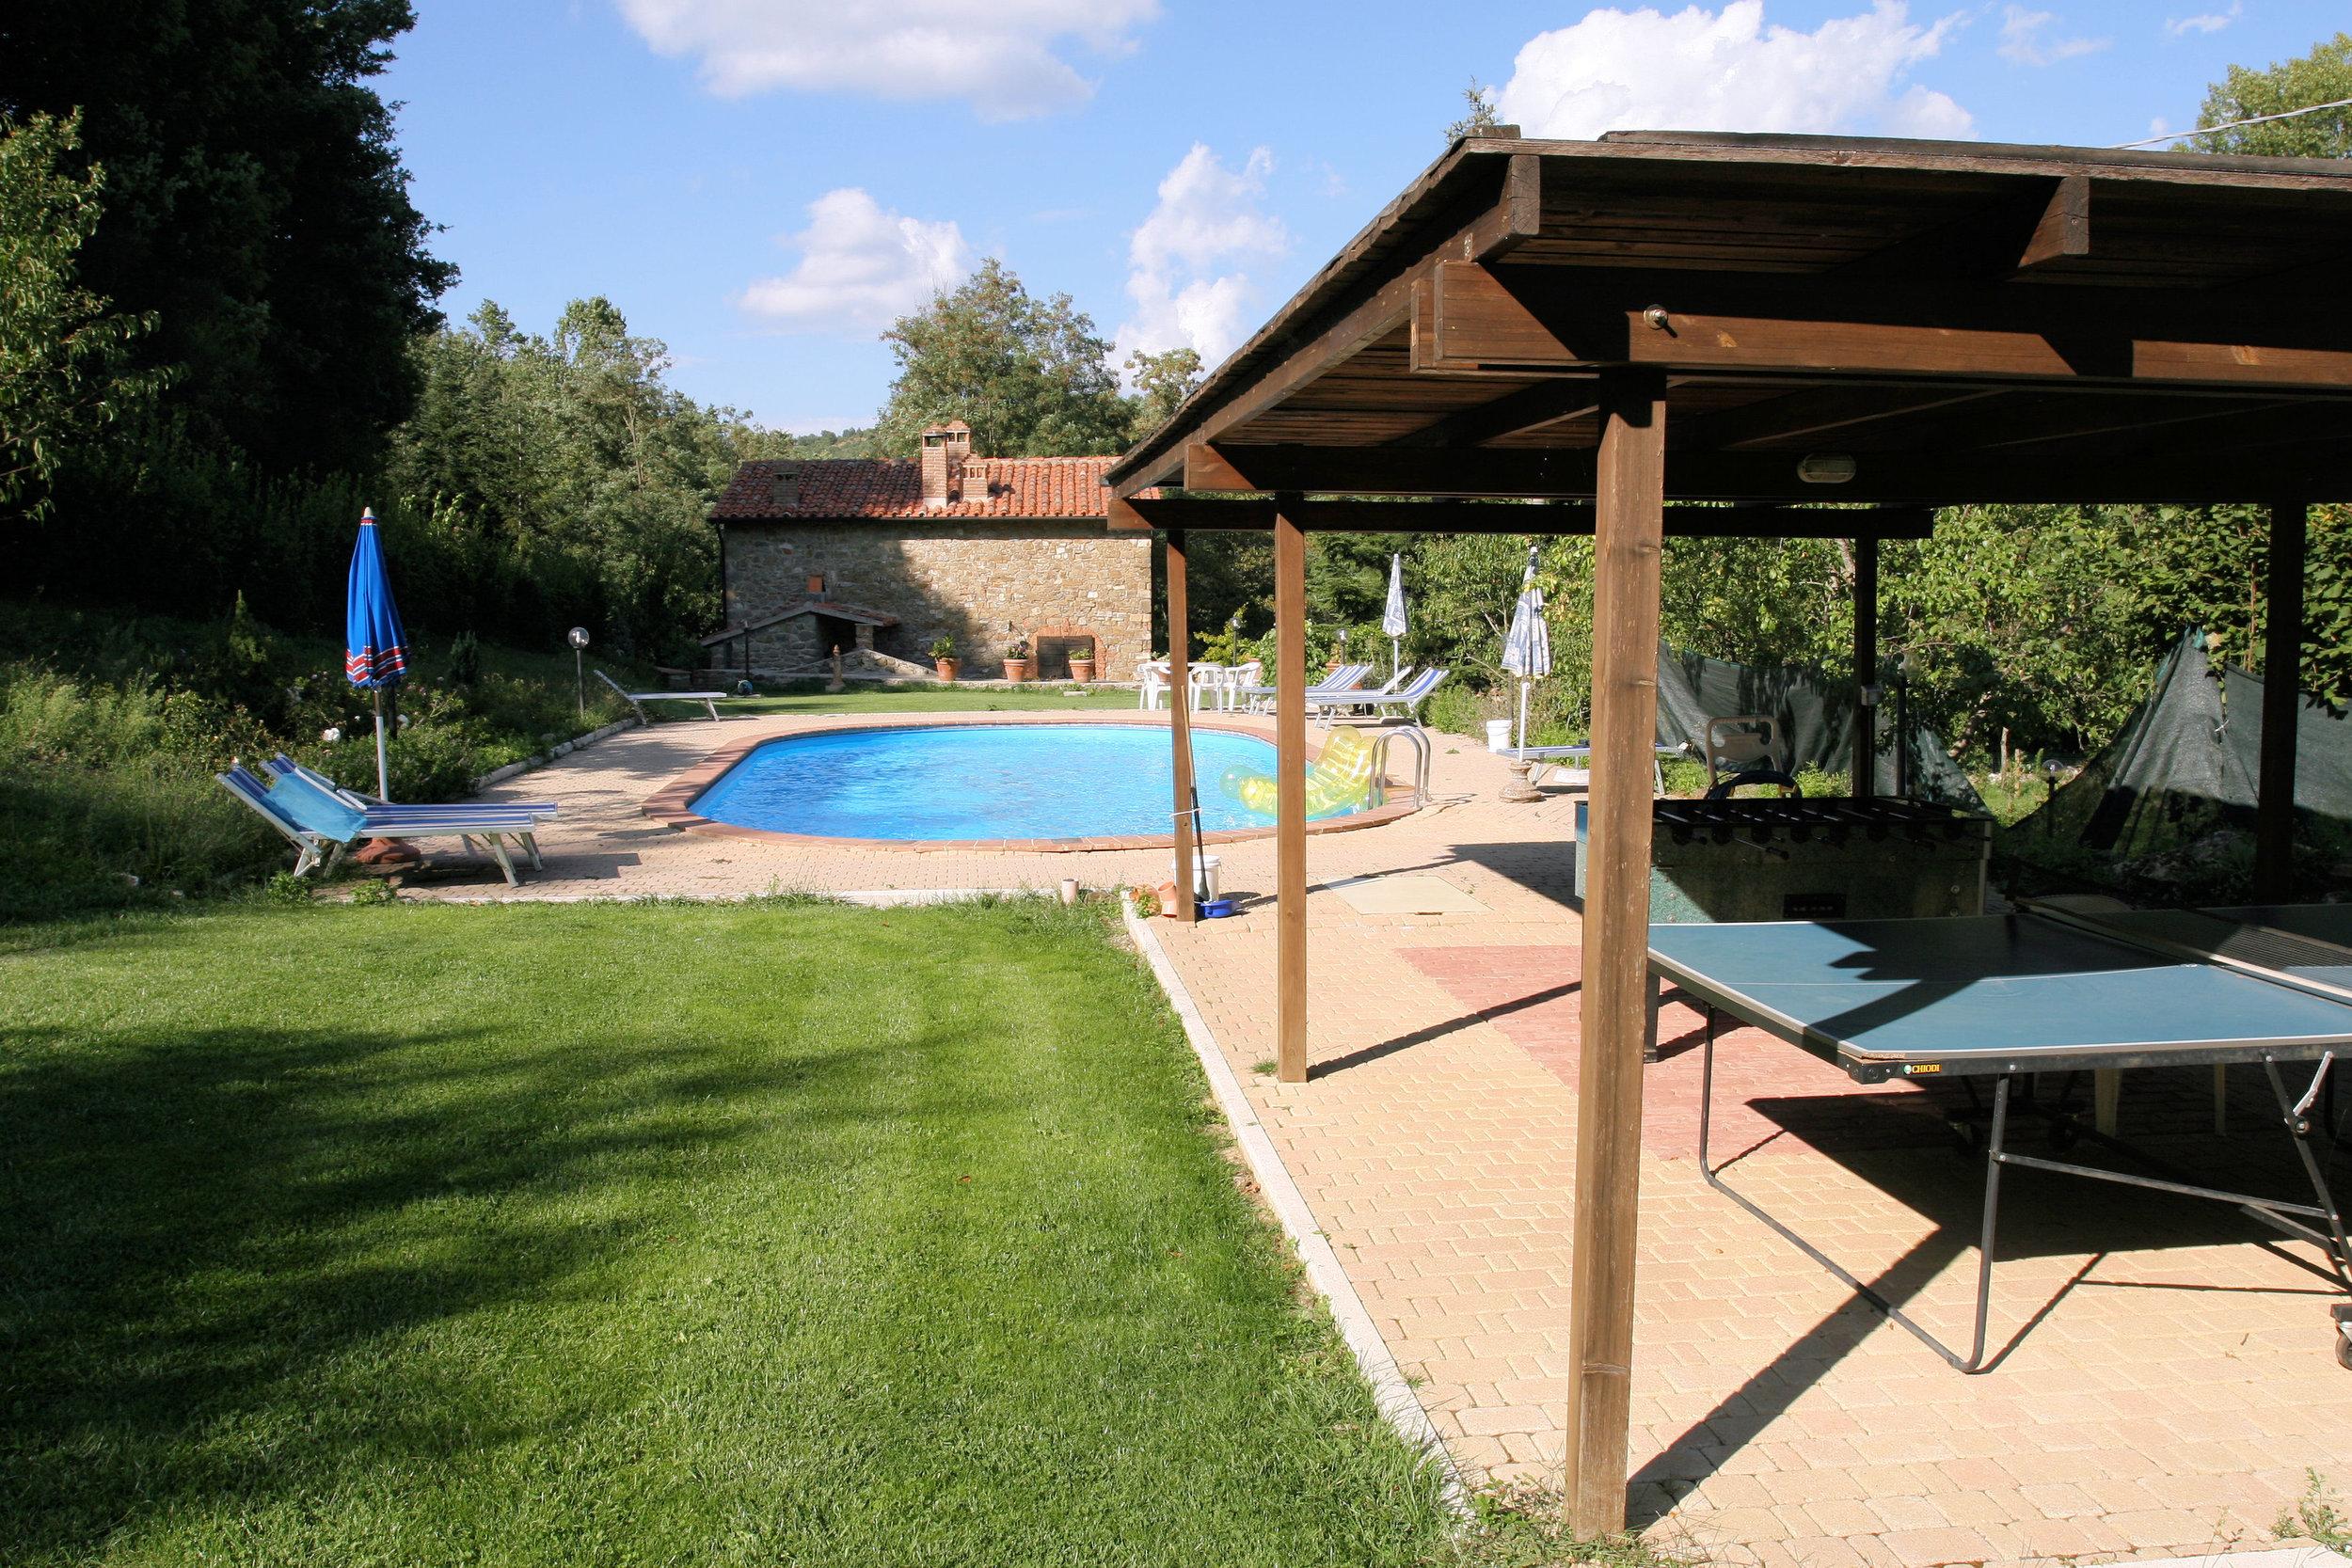 area piscina gazebo tavolo ping-pong -calcio balilla.JPG